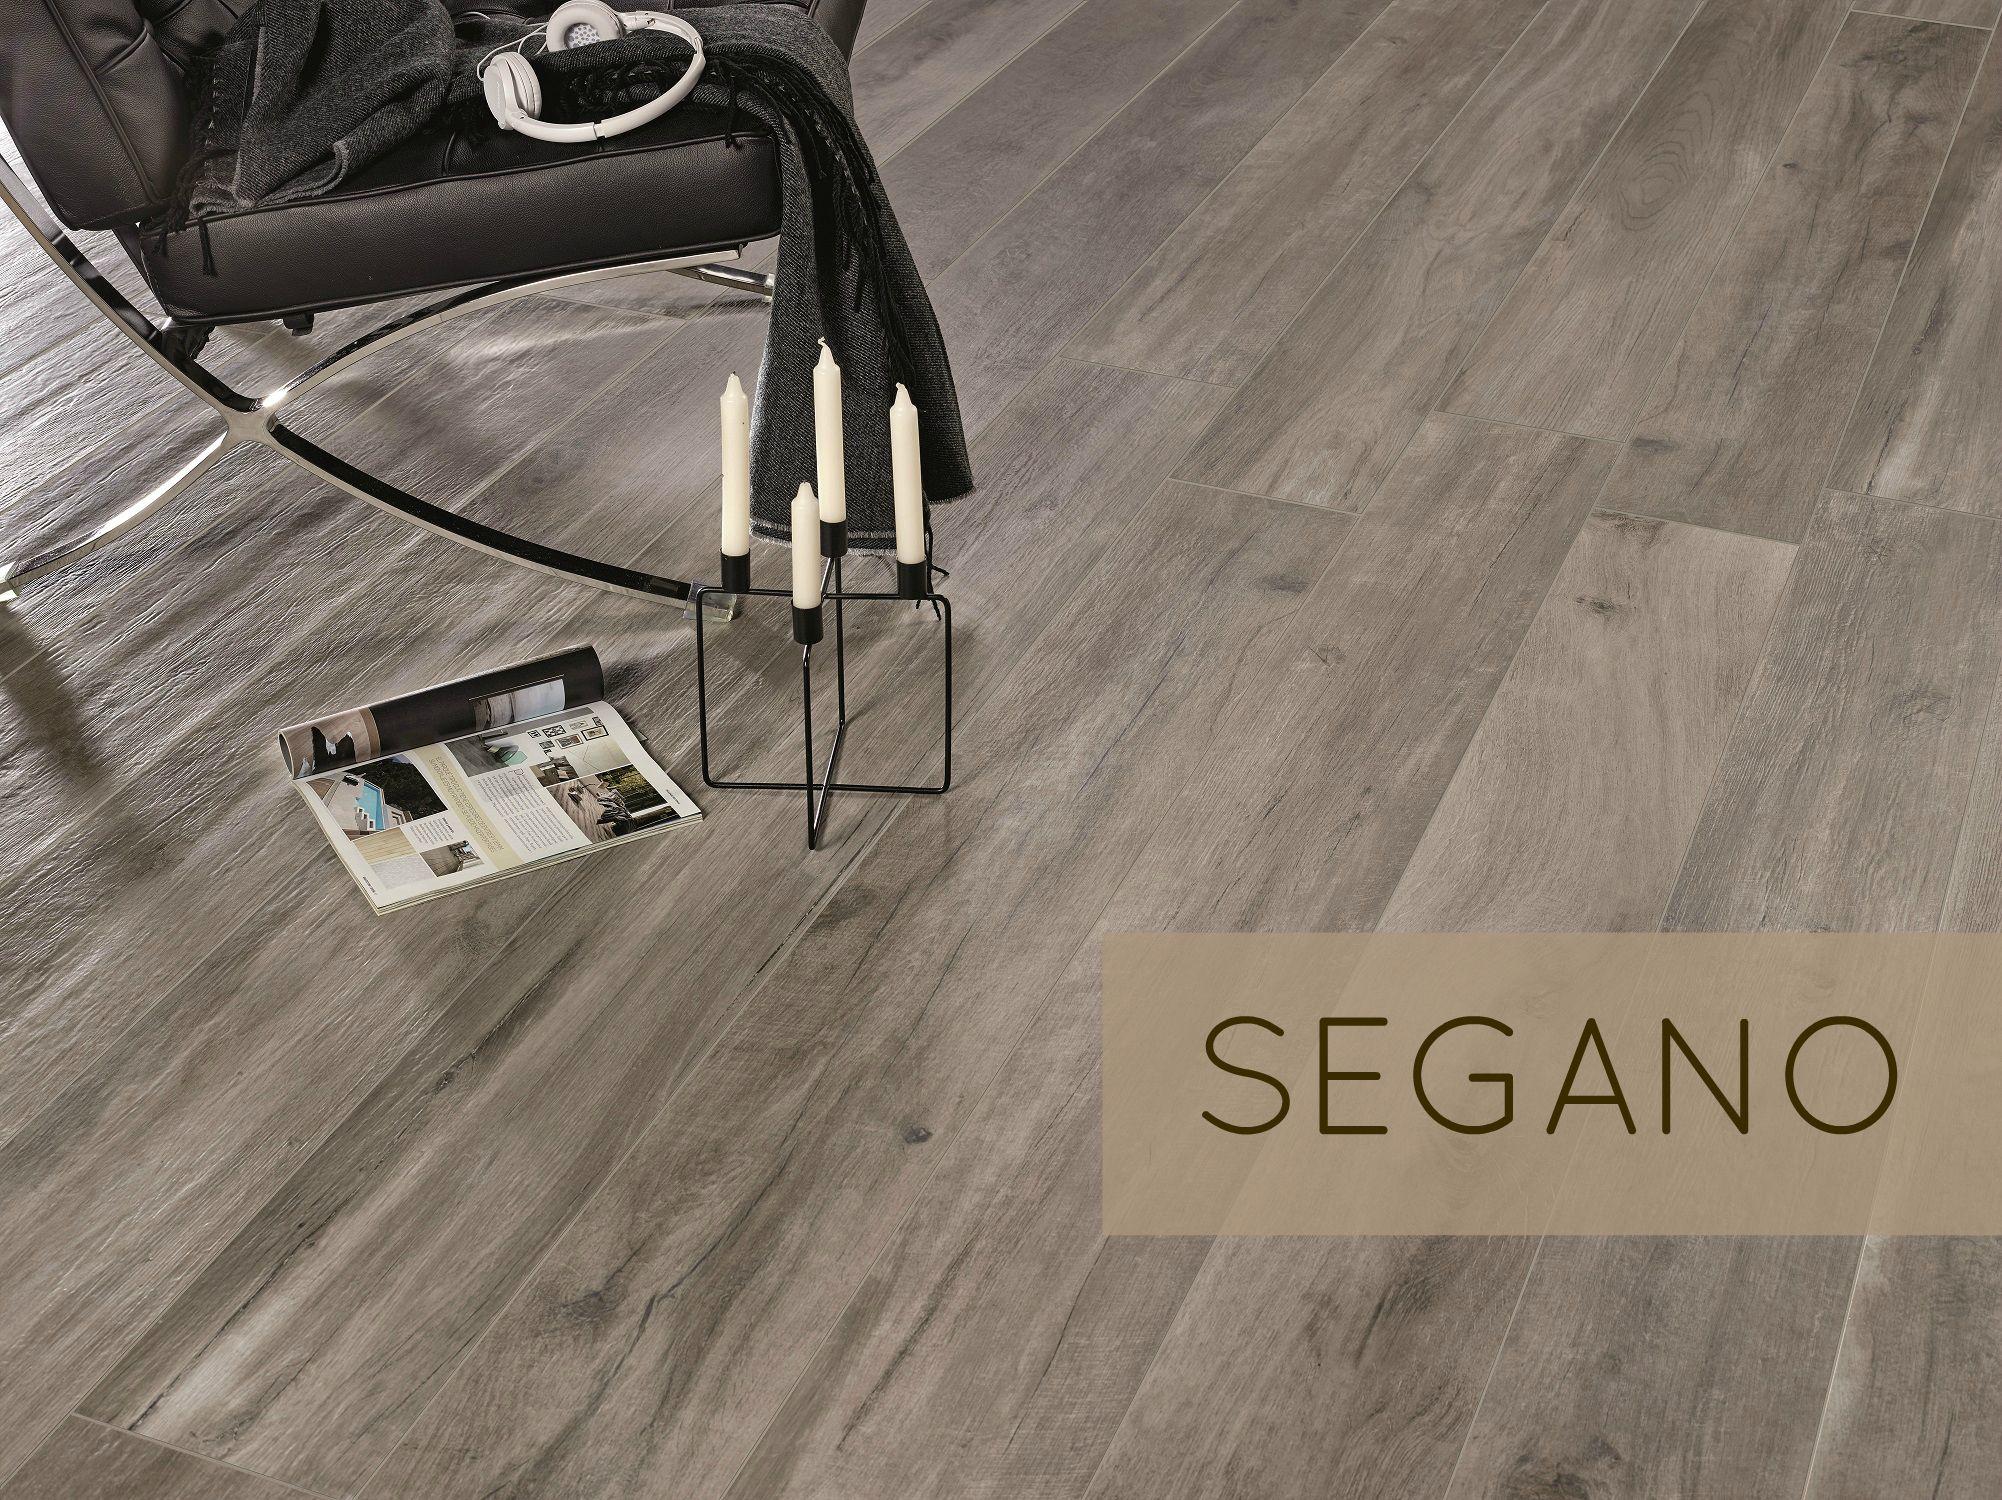 Segano Wood Effect Tile Range From Waxman Ceramics Httpwww